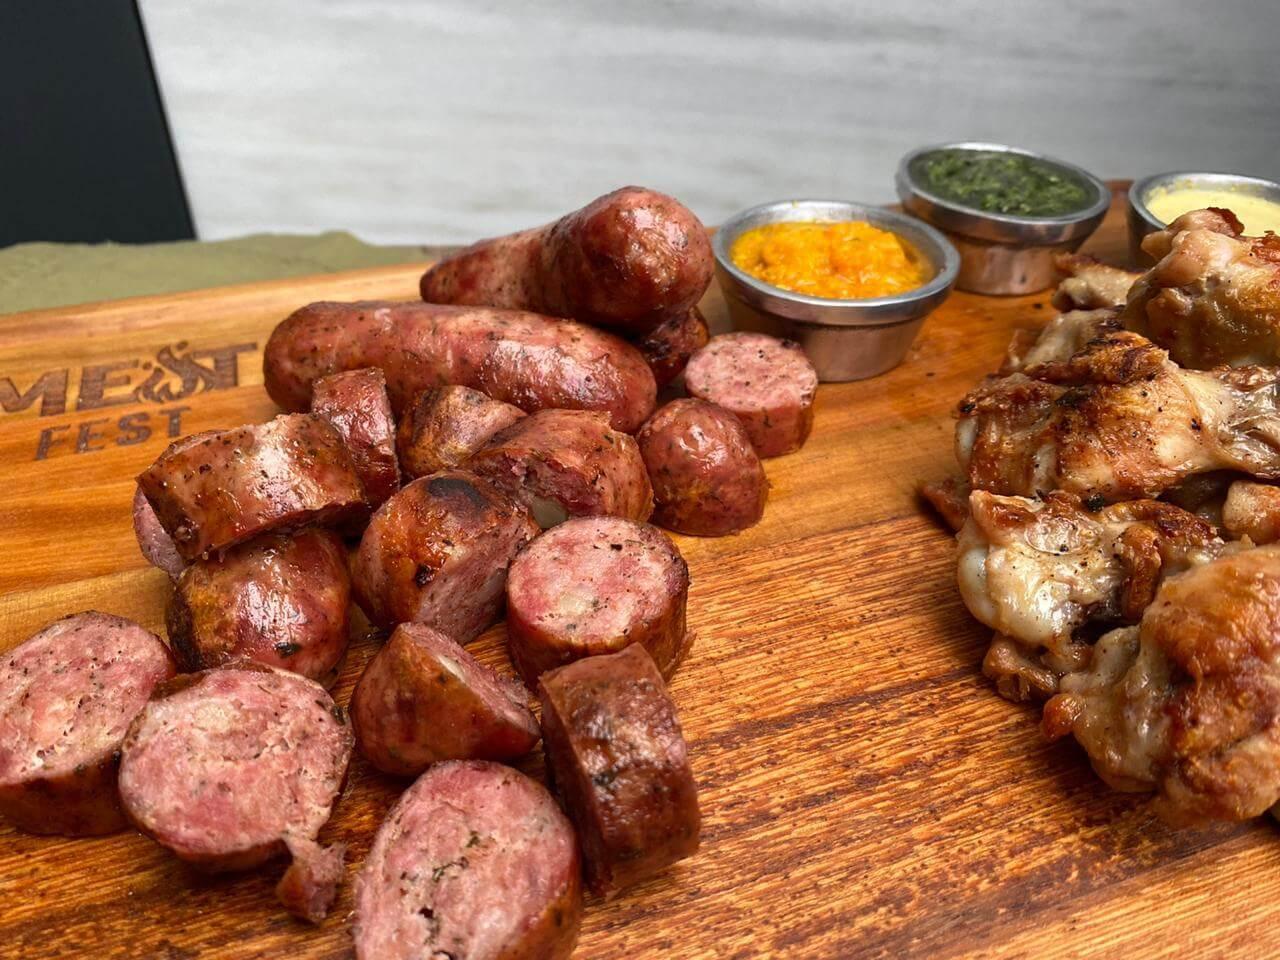 Meat fest